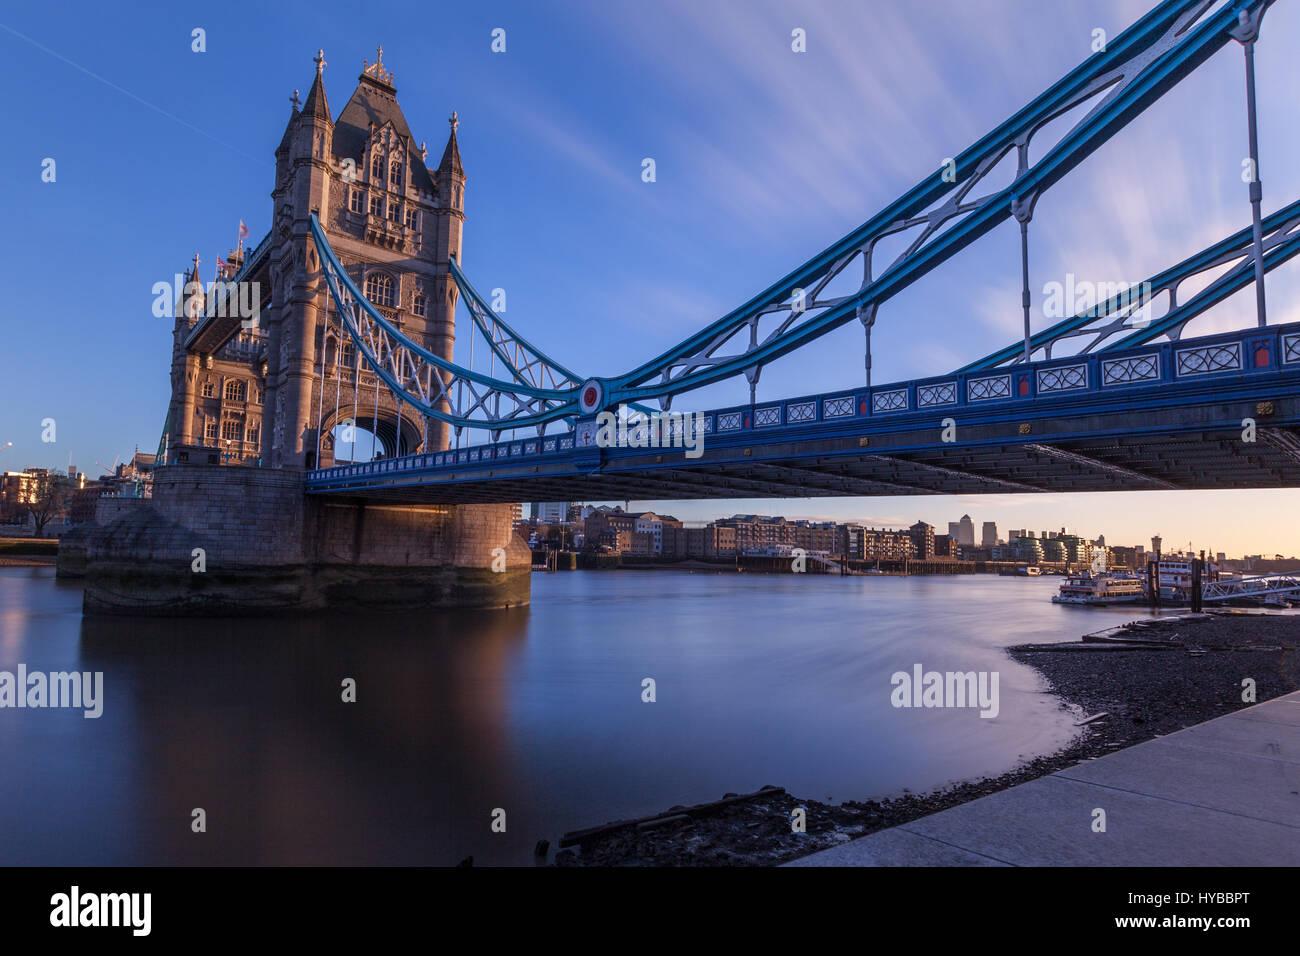 Le Tower Bridge de Londres vu au lever du soleil. London, UK Photo Stock